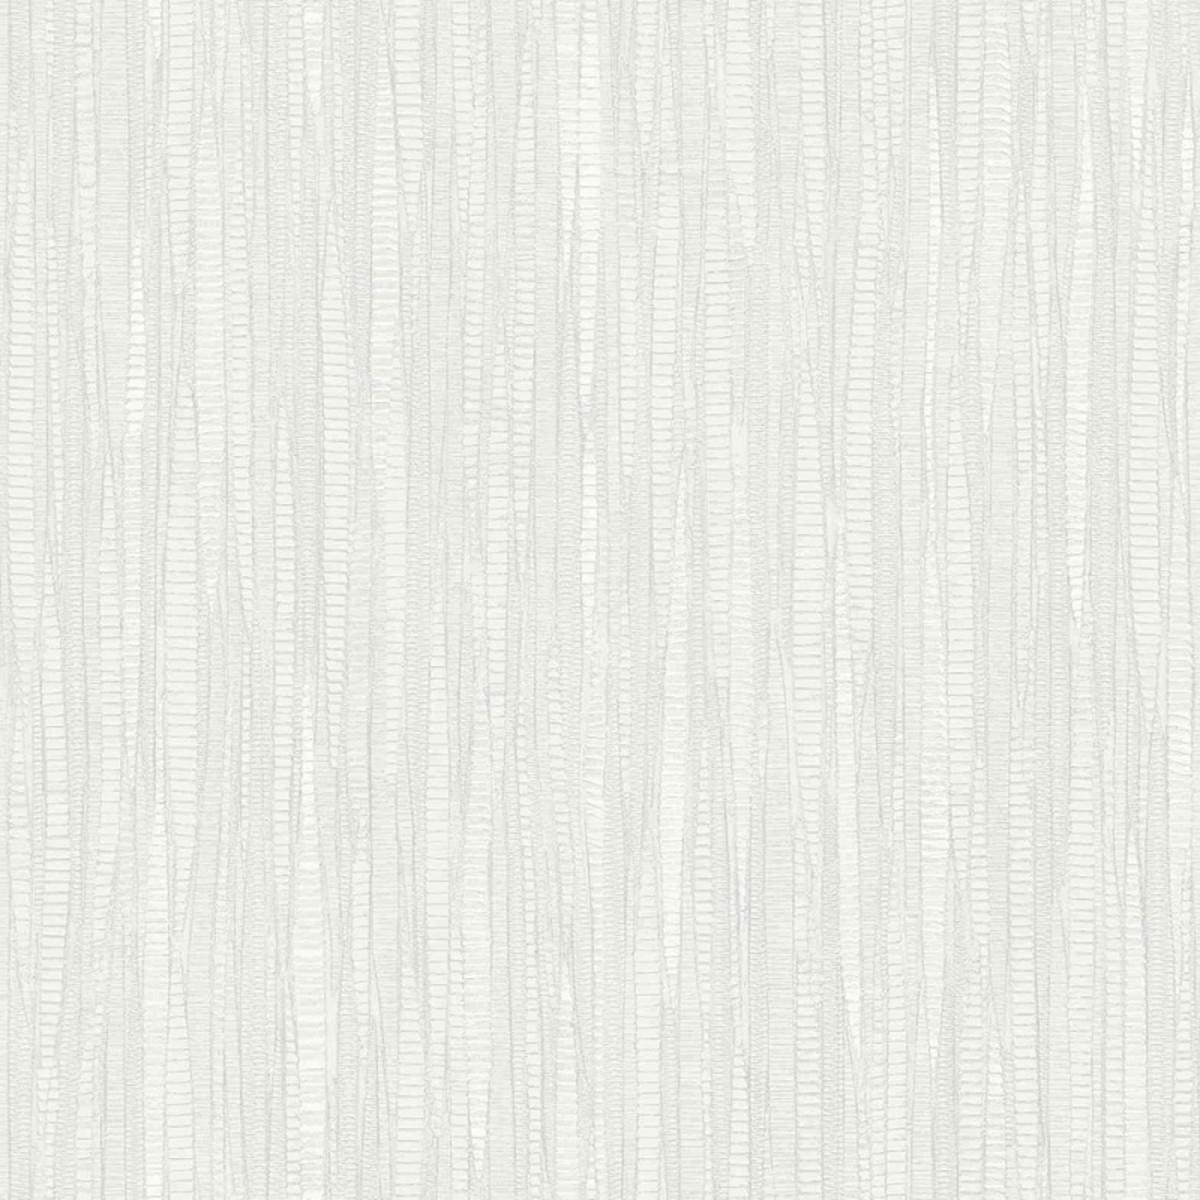 Флизелиновые обои Arthouse серебряные 292604 0.53 м